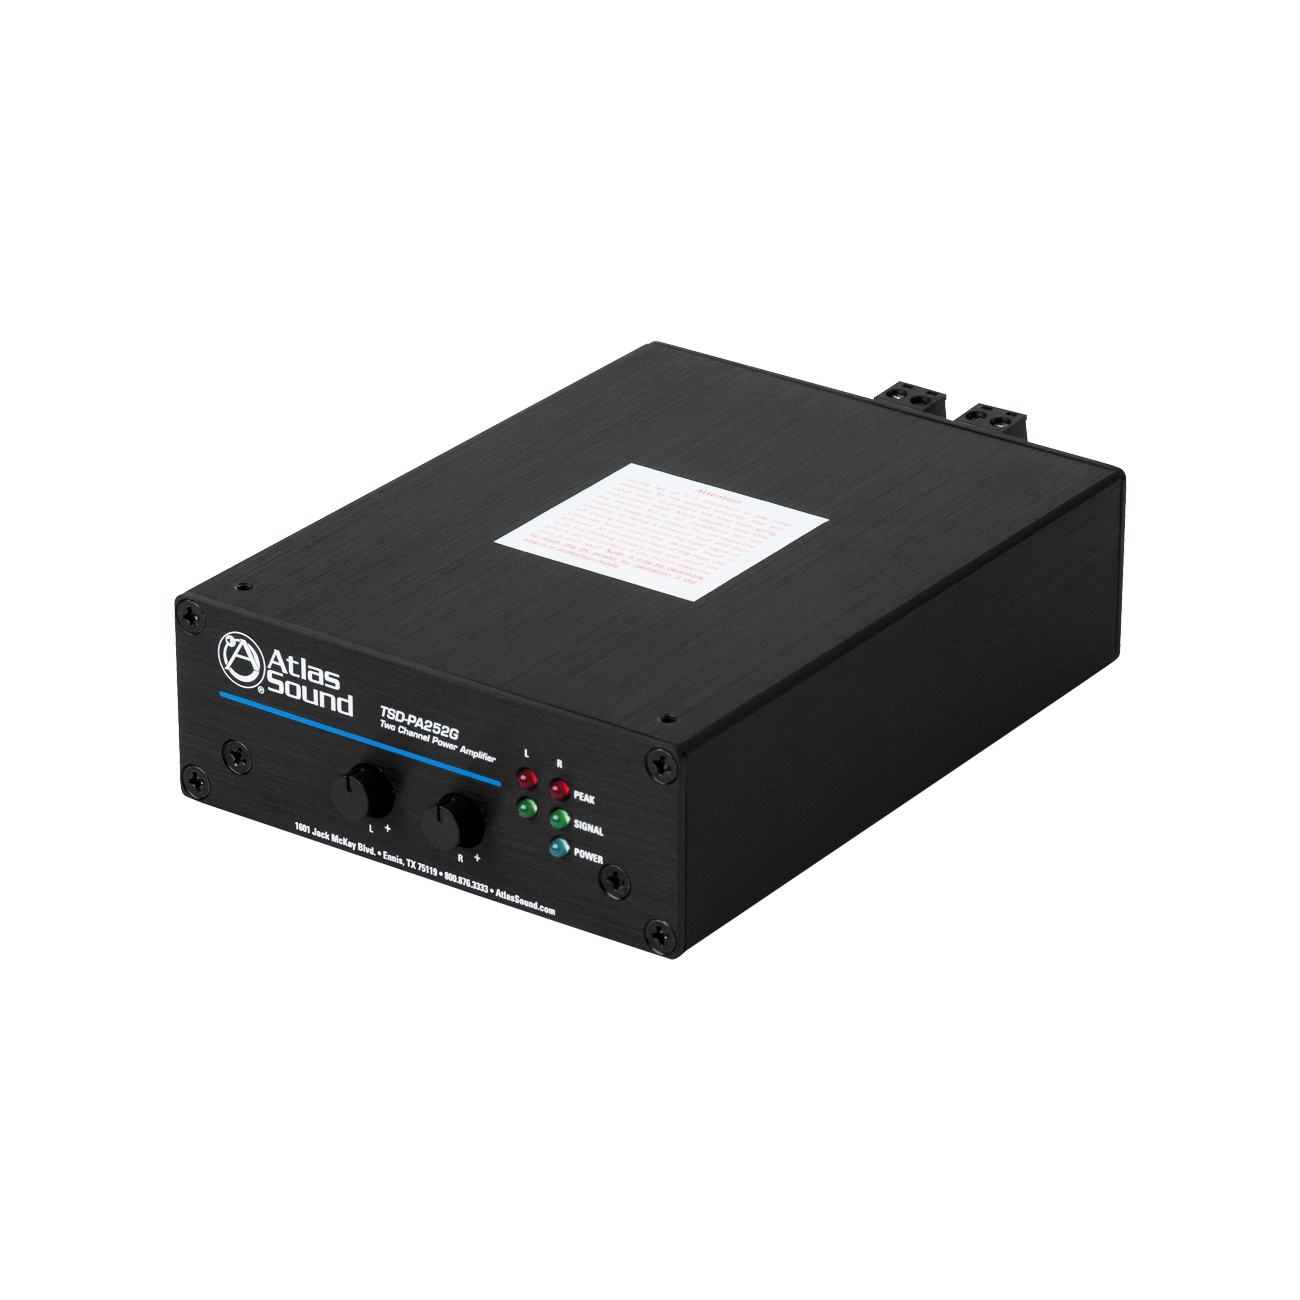 2 Input 50 Watt Channel 4 8 Power Amplifier Atlasied Picture Of 25w X Two